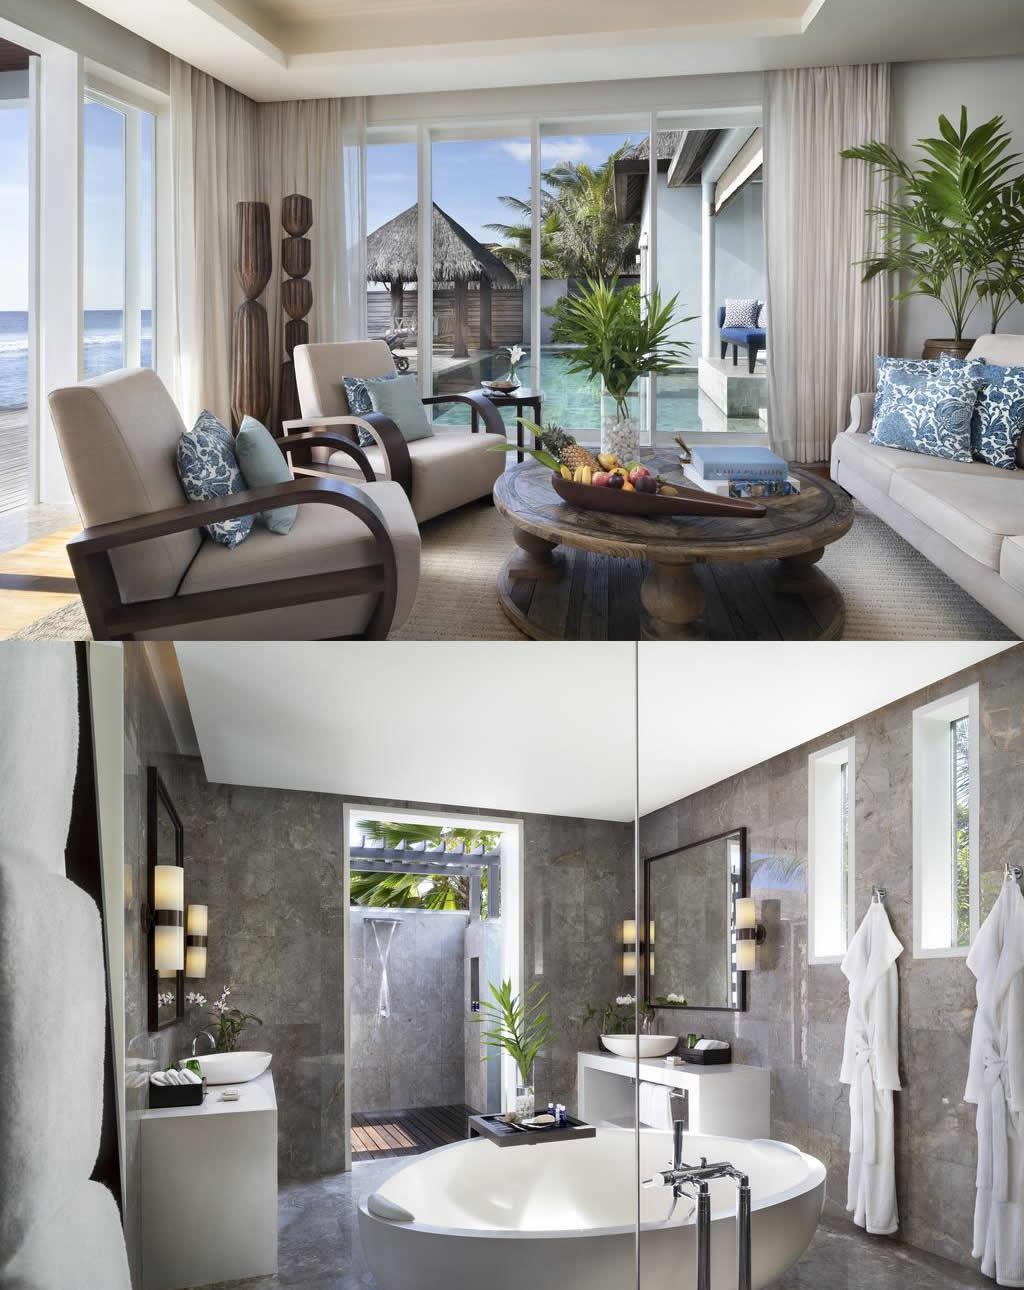 двух спальный пляжный дом на мальдивах